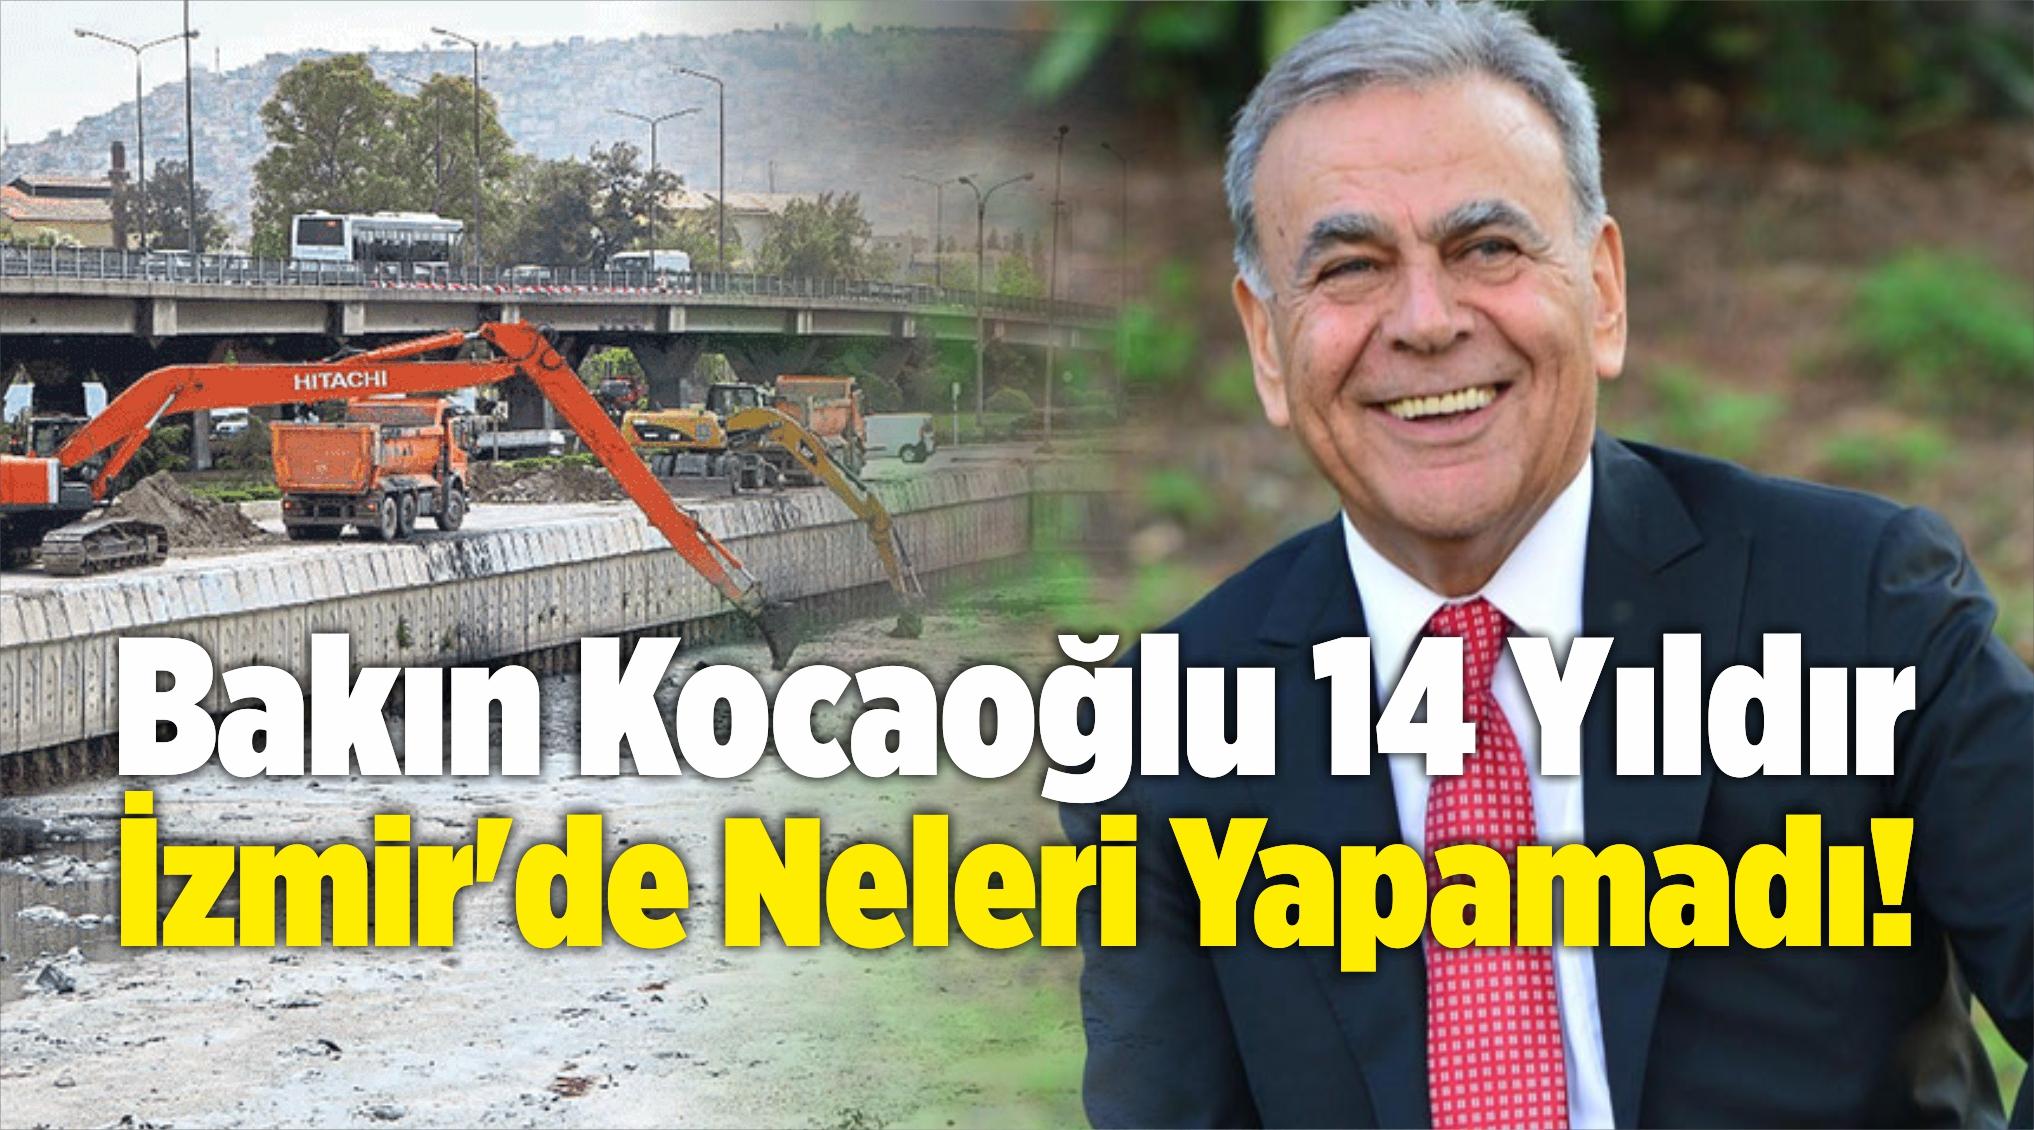 Bakın Aziz Kocaoğlu 14 Yıldır İzmir'de Neleri Yapamadı!